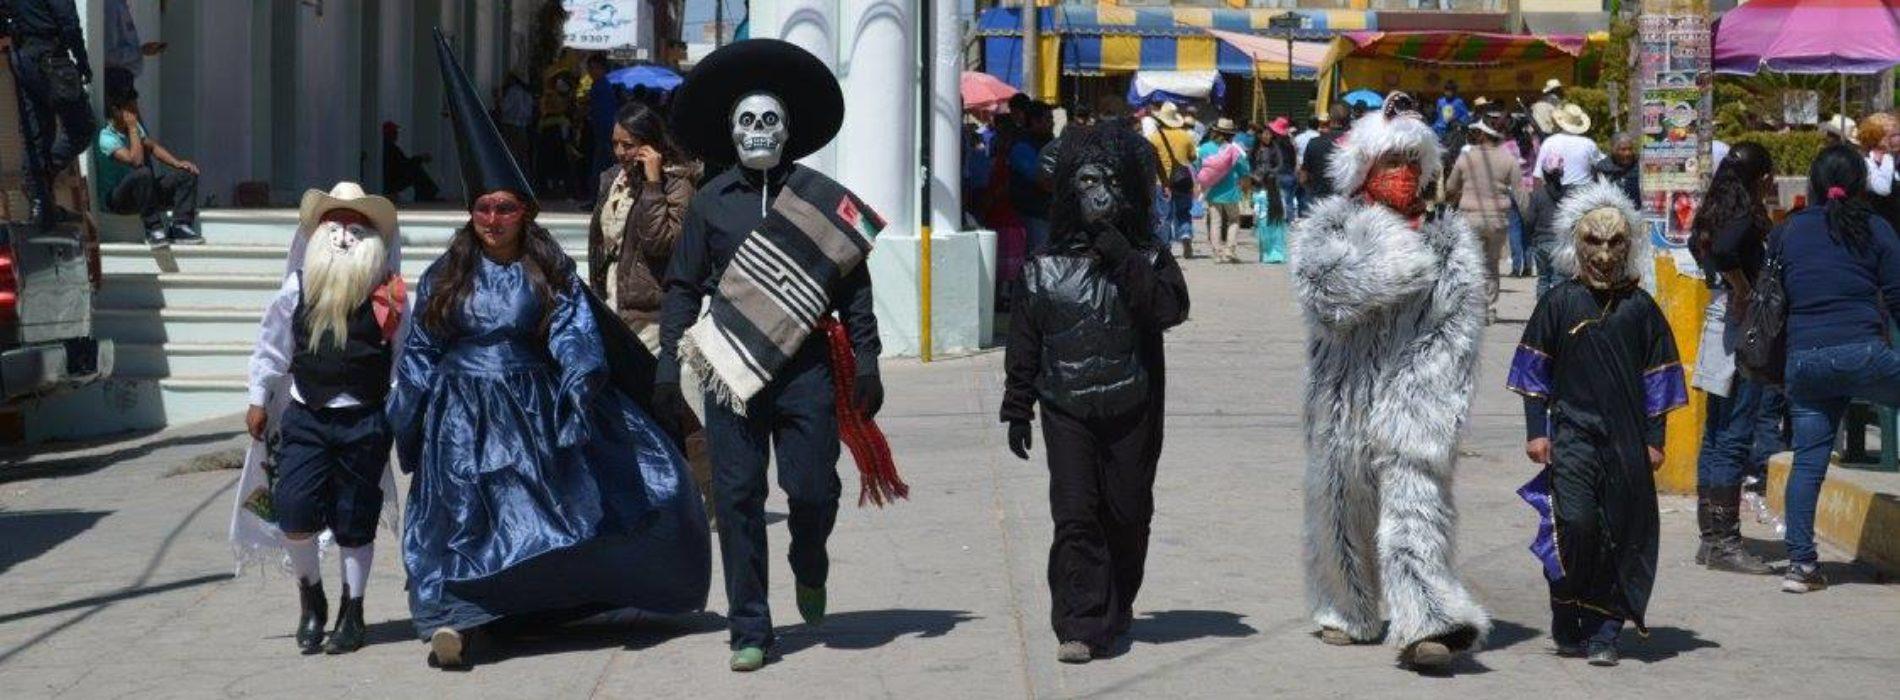 CHILOLOS, VIEJITOS, MAROTAS Y MÁS DE MIL PERSONAS DESFILARON EN EL CARNAVAL DE CHALCATONGO 2017